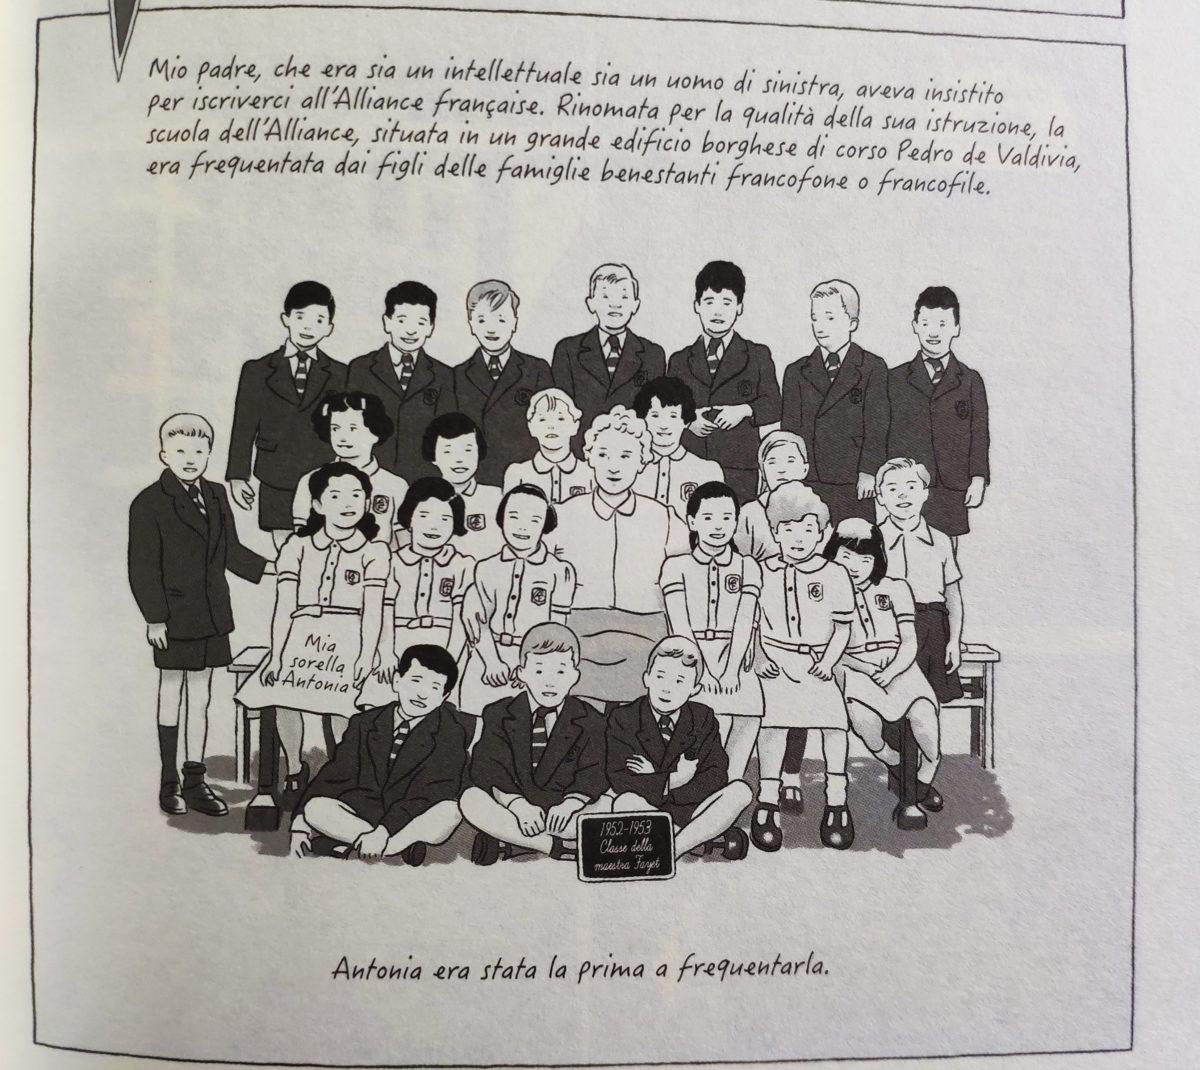 Mio caro fumetto... - Vignetta che rappresenta la classe dell'Alliance Française frequentata dalla sorella di Pedro Atías, Antonia, in posa come nell'atto di fare la foto di gruppo annuale.